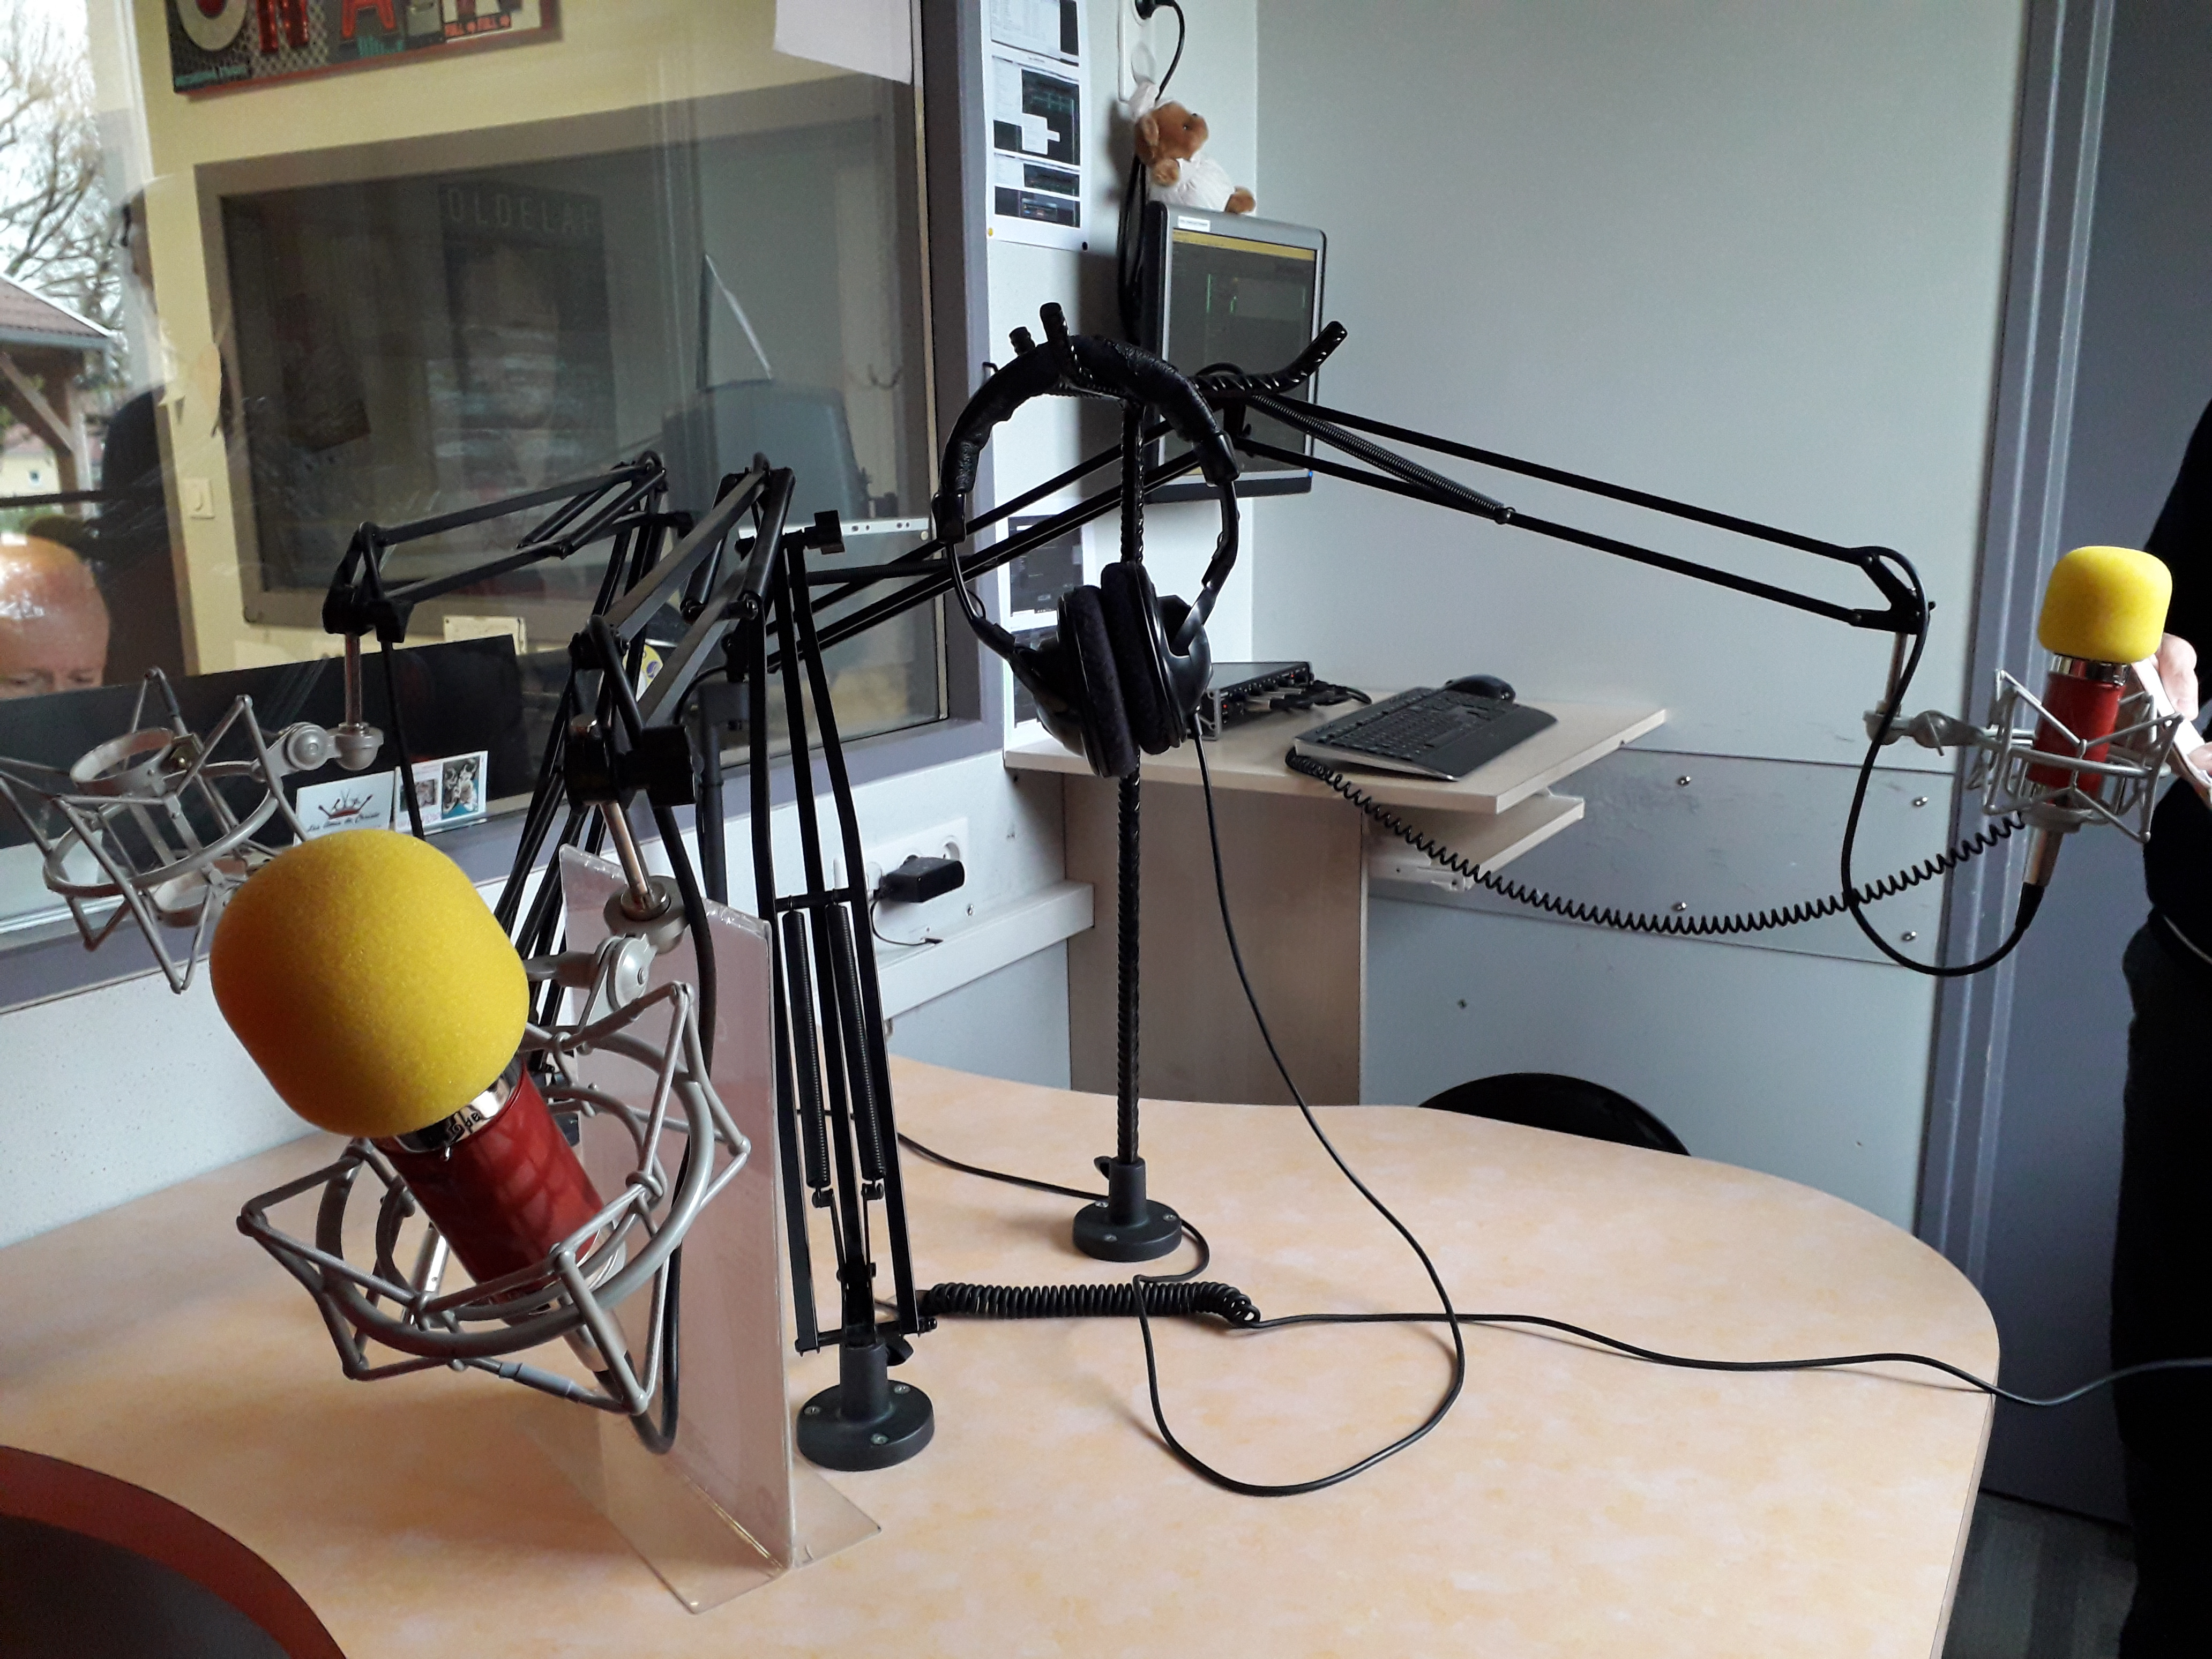 Réalisation d'audioguides enfants pour le musée Courbet par les CM1-CM2 de l'école de Pierrefontaine-les-Varans